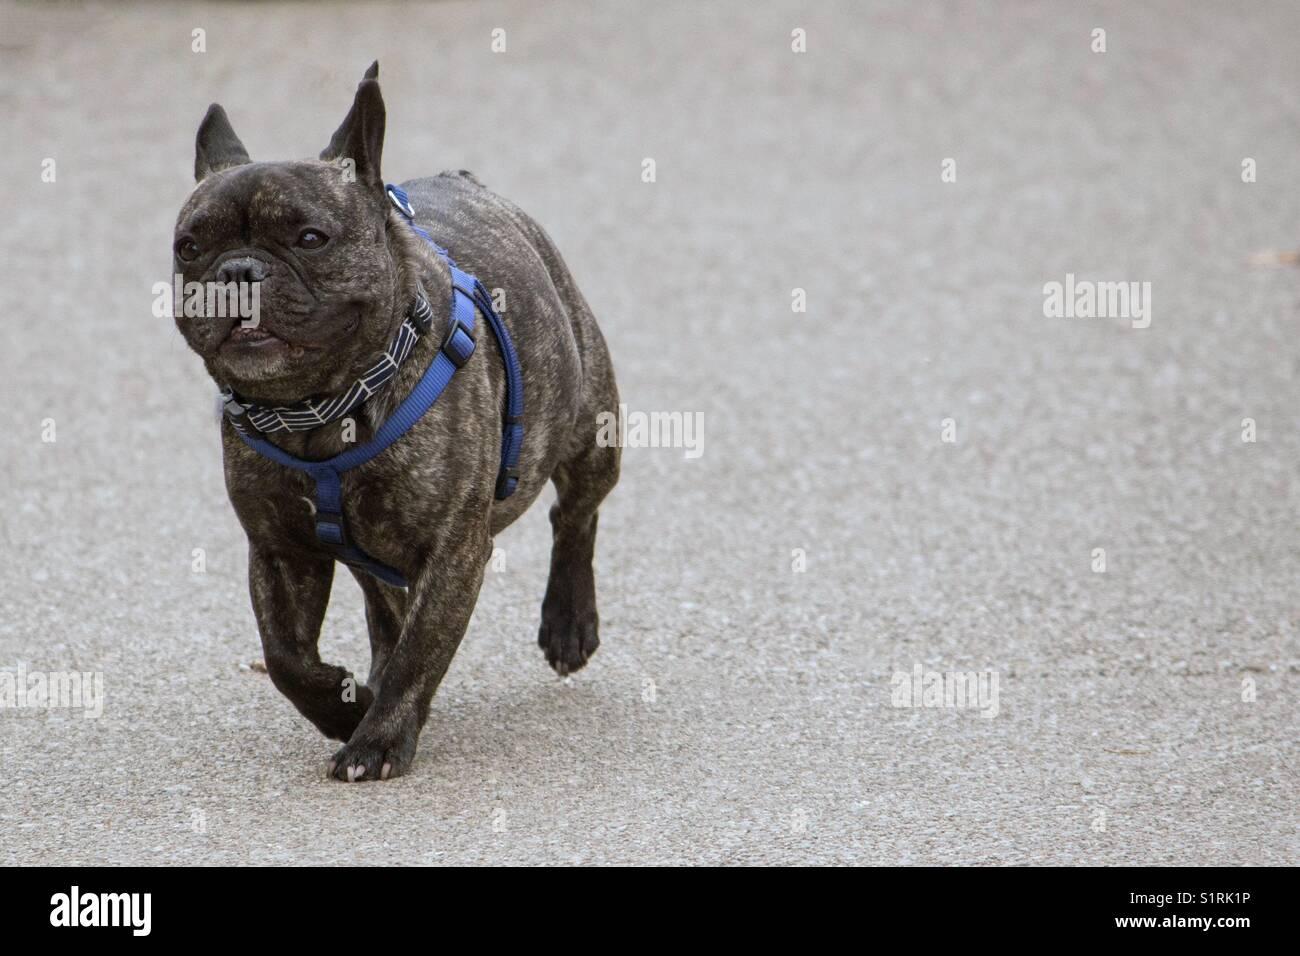 Piccolo Grigio Bulldog Francese In Esecuzione E Isolate Su Un Sfondo